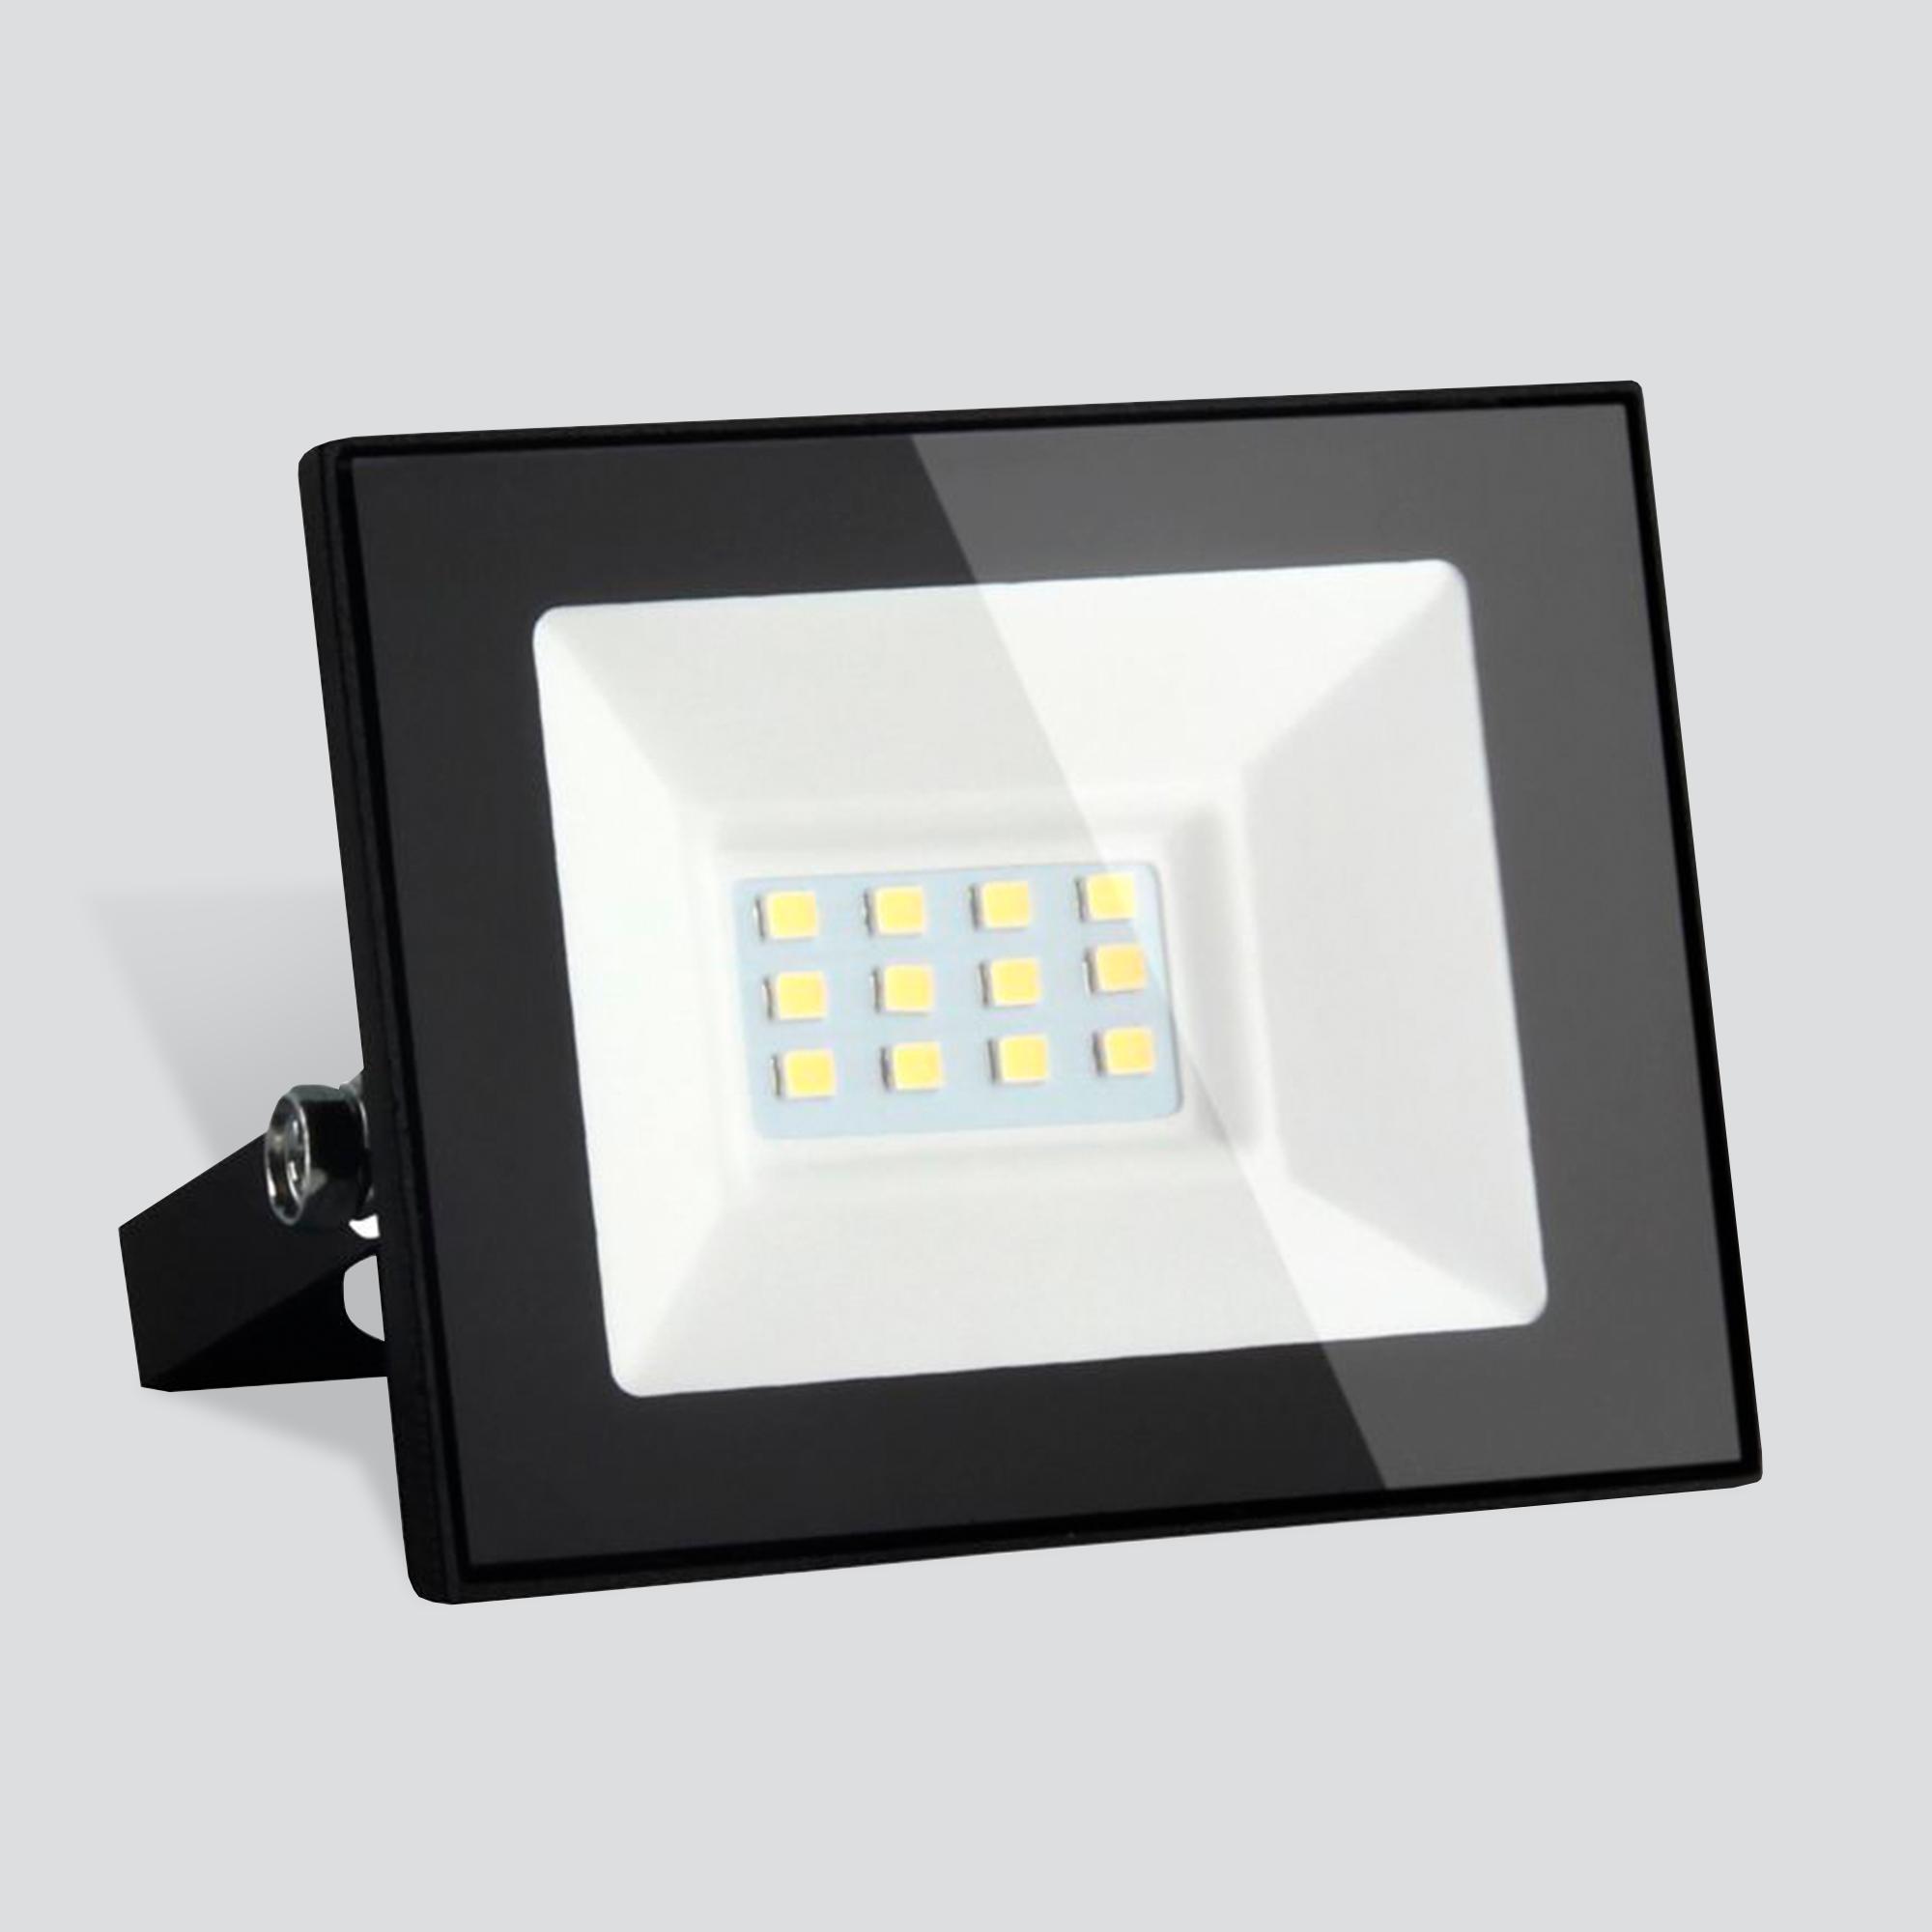 Уличный светодиодный прожектор Elektrostandard 10W 6500K IP65